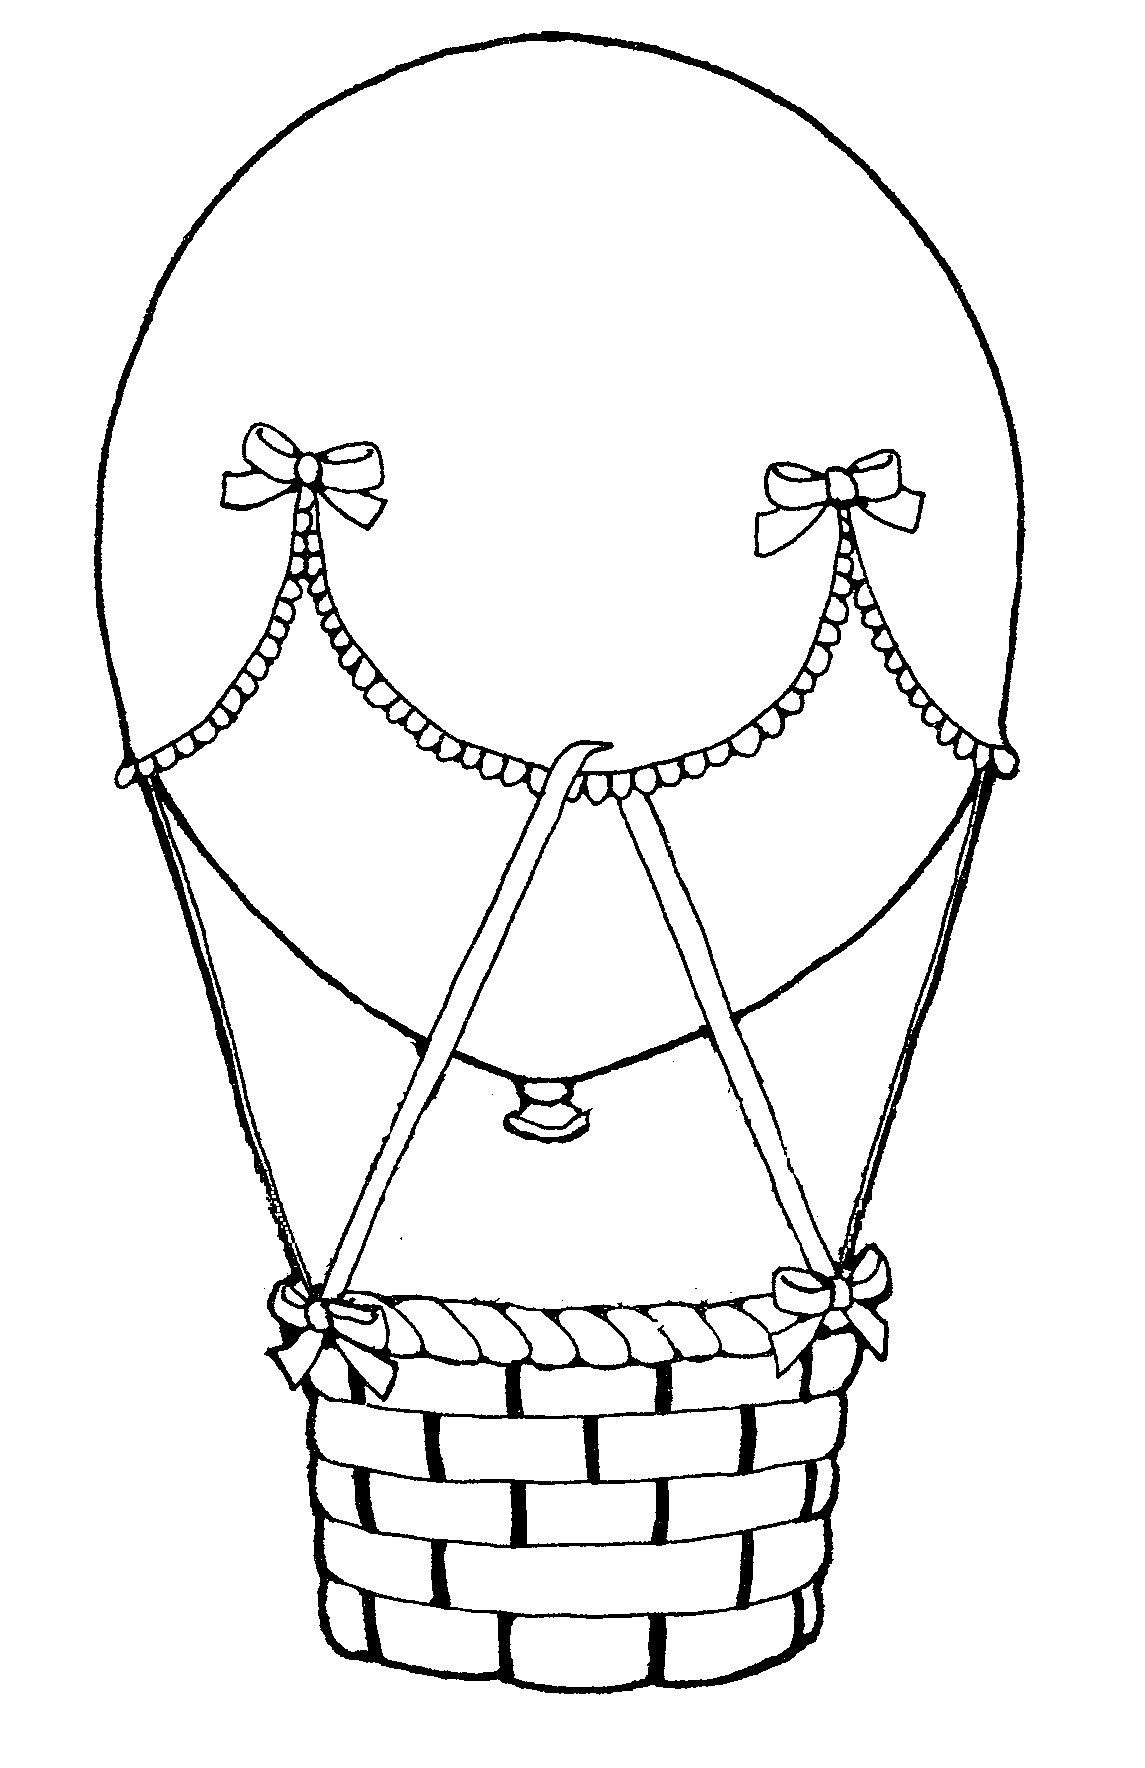 Dessin De Coloriage Montgolfiere À Imprimer - Cp18609 concernant Dessin De Montgolfière